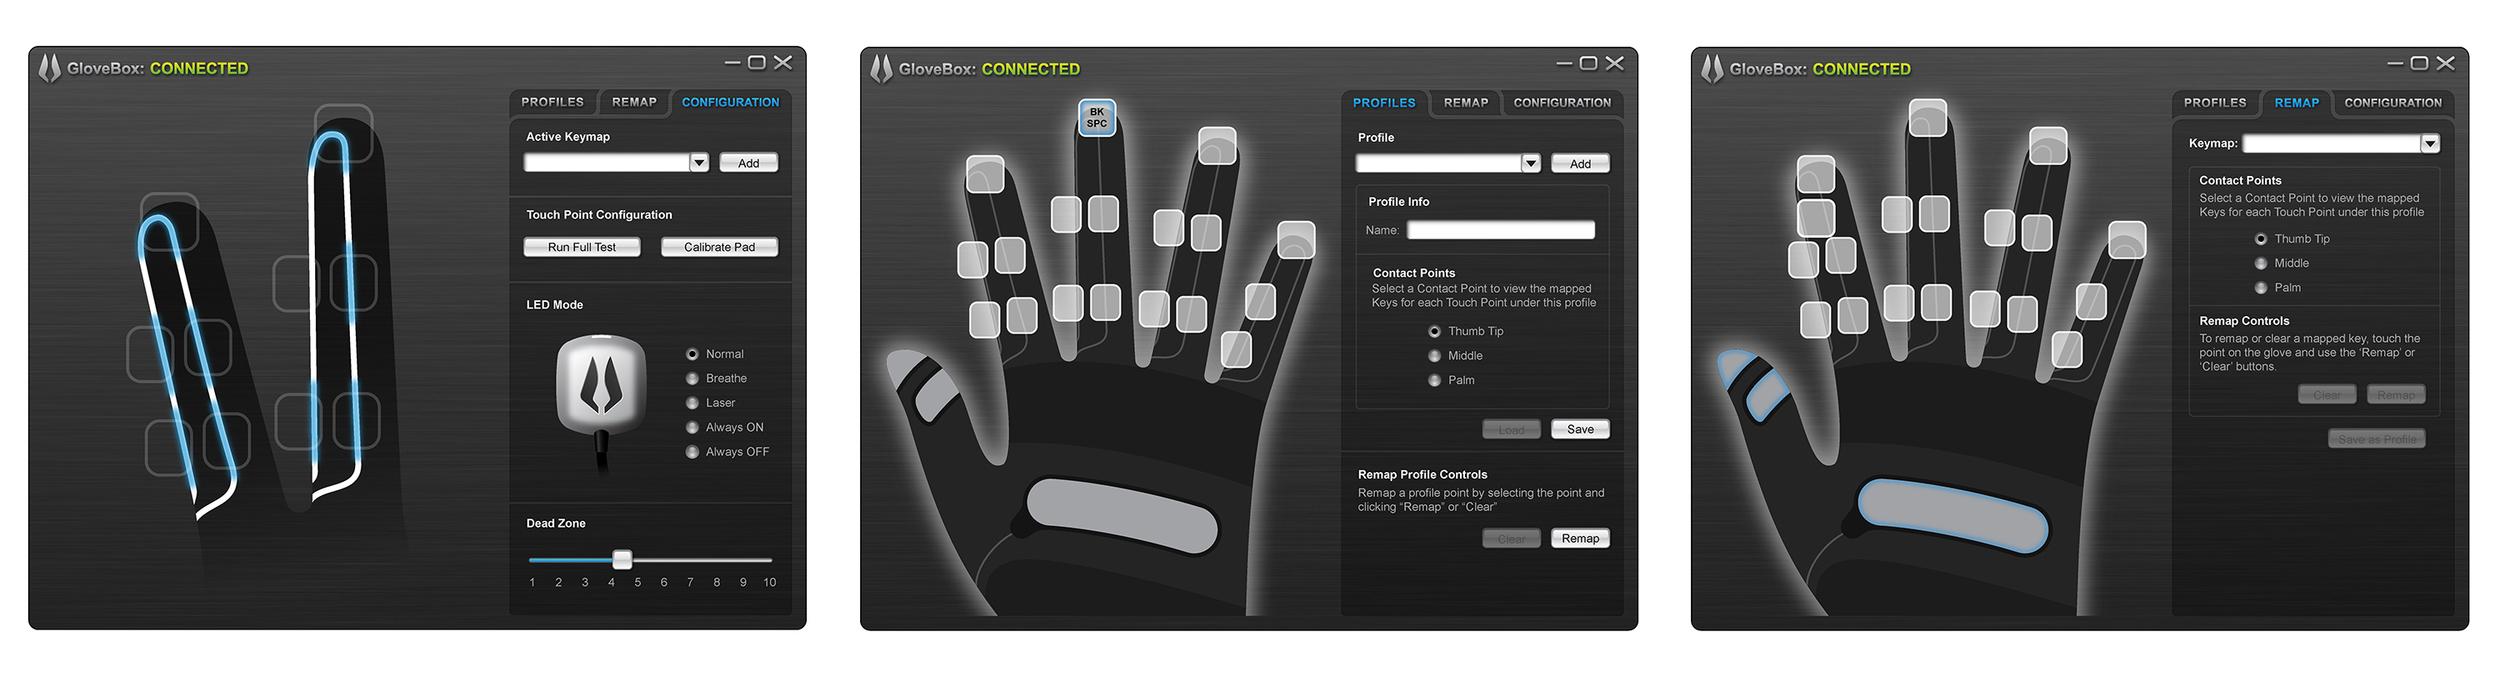 Peregrine Interface Screens - Y Studios